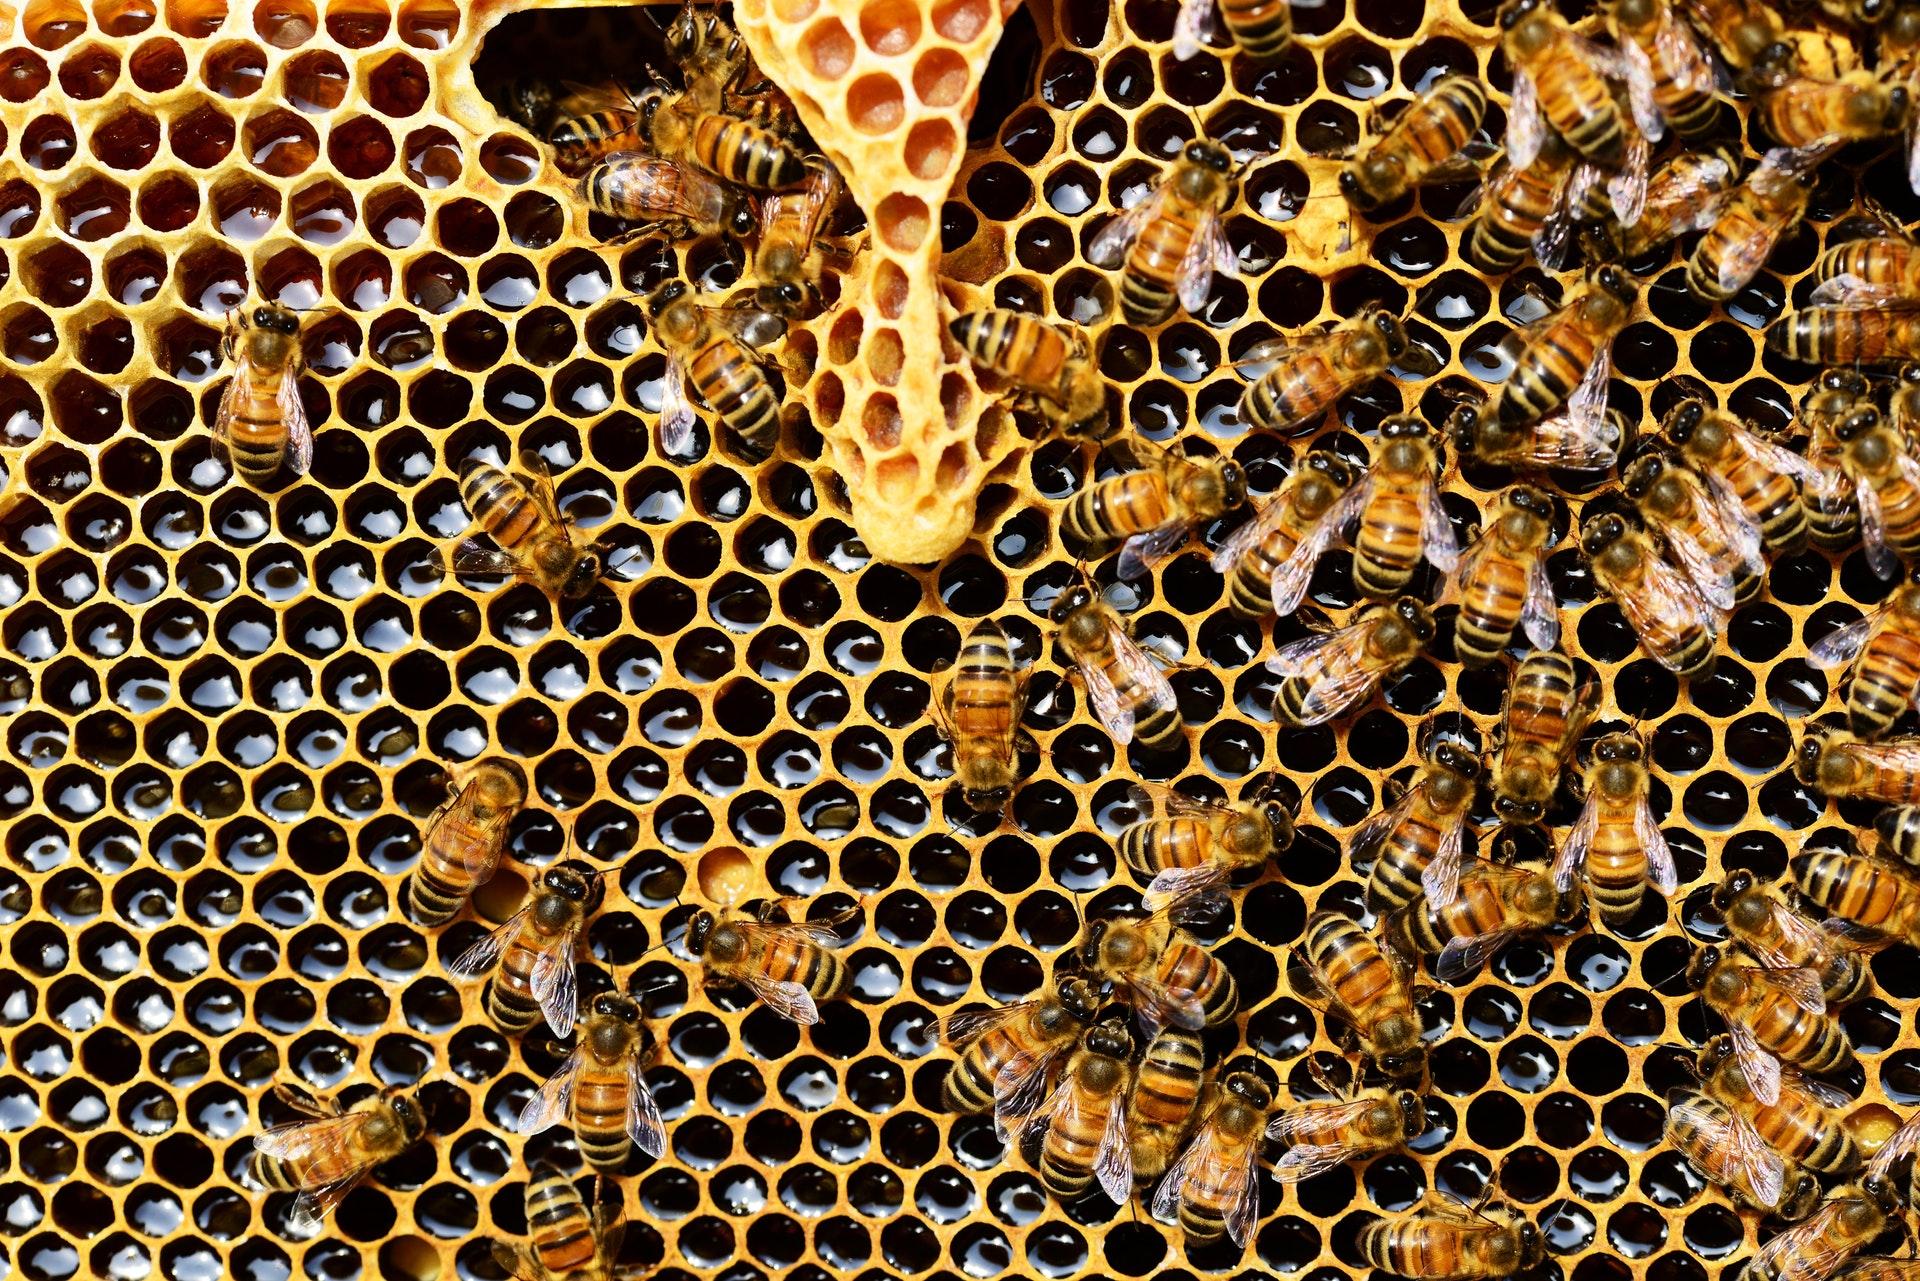 bee removal in glendale az.jpg